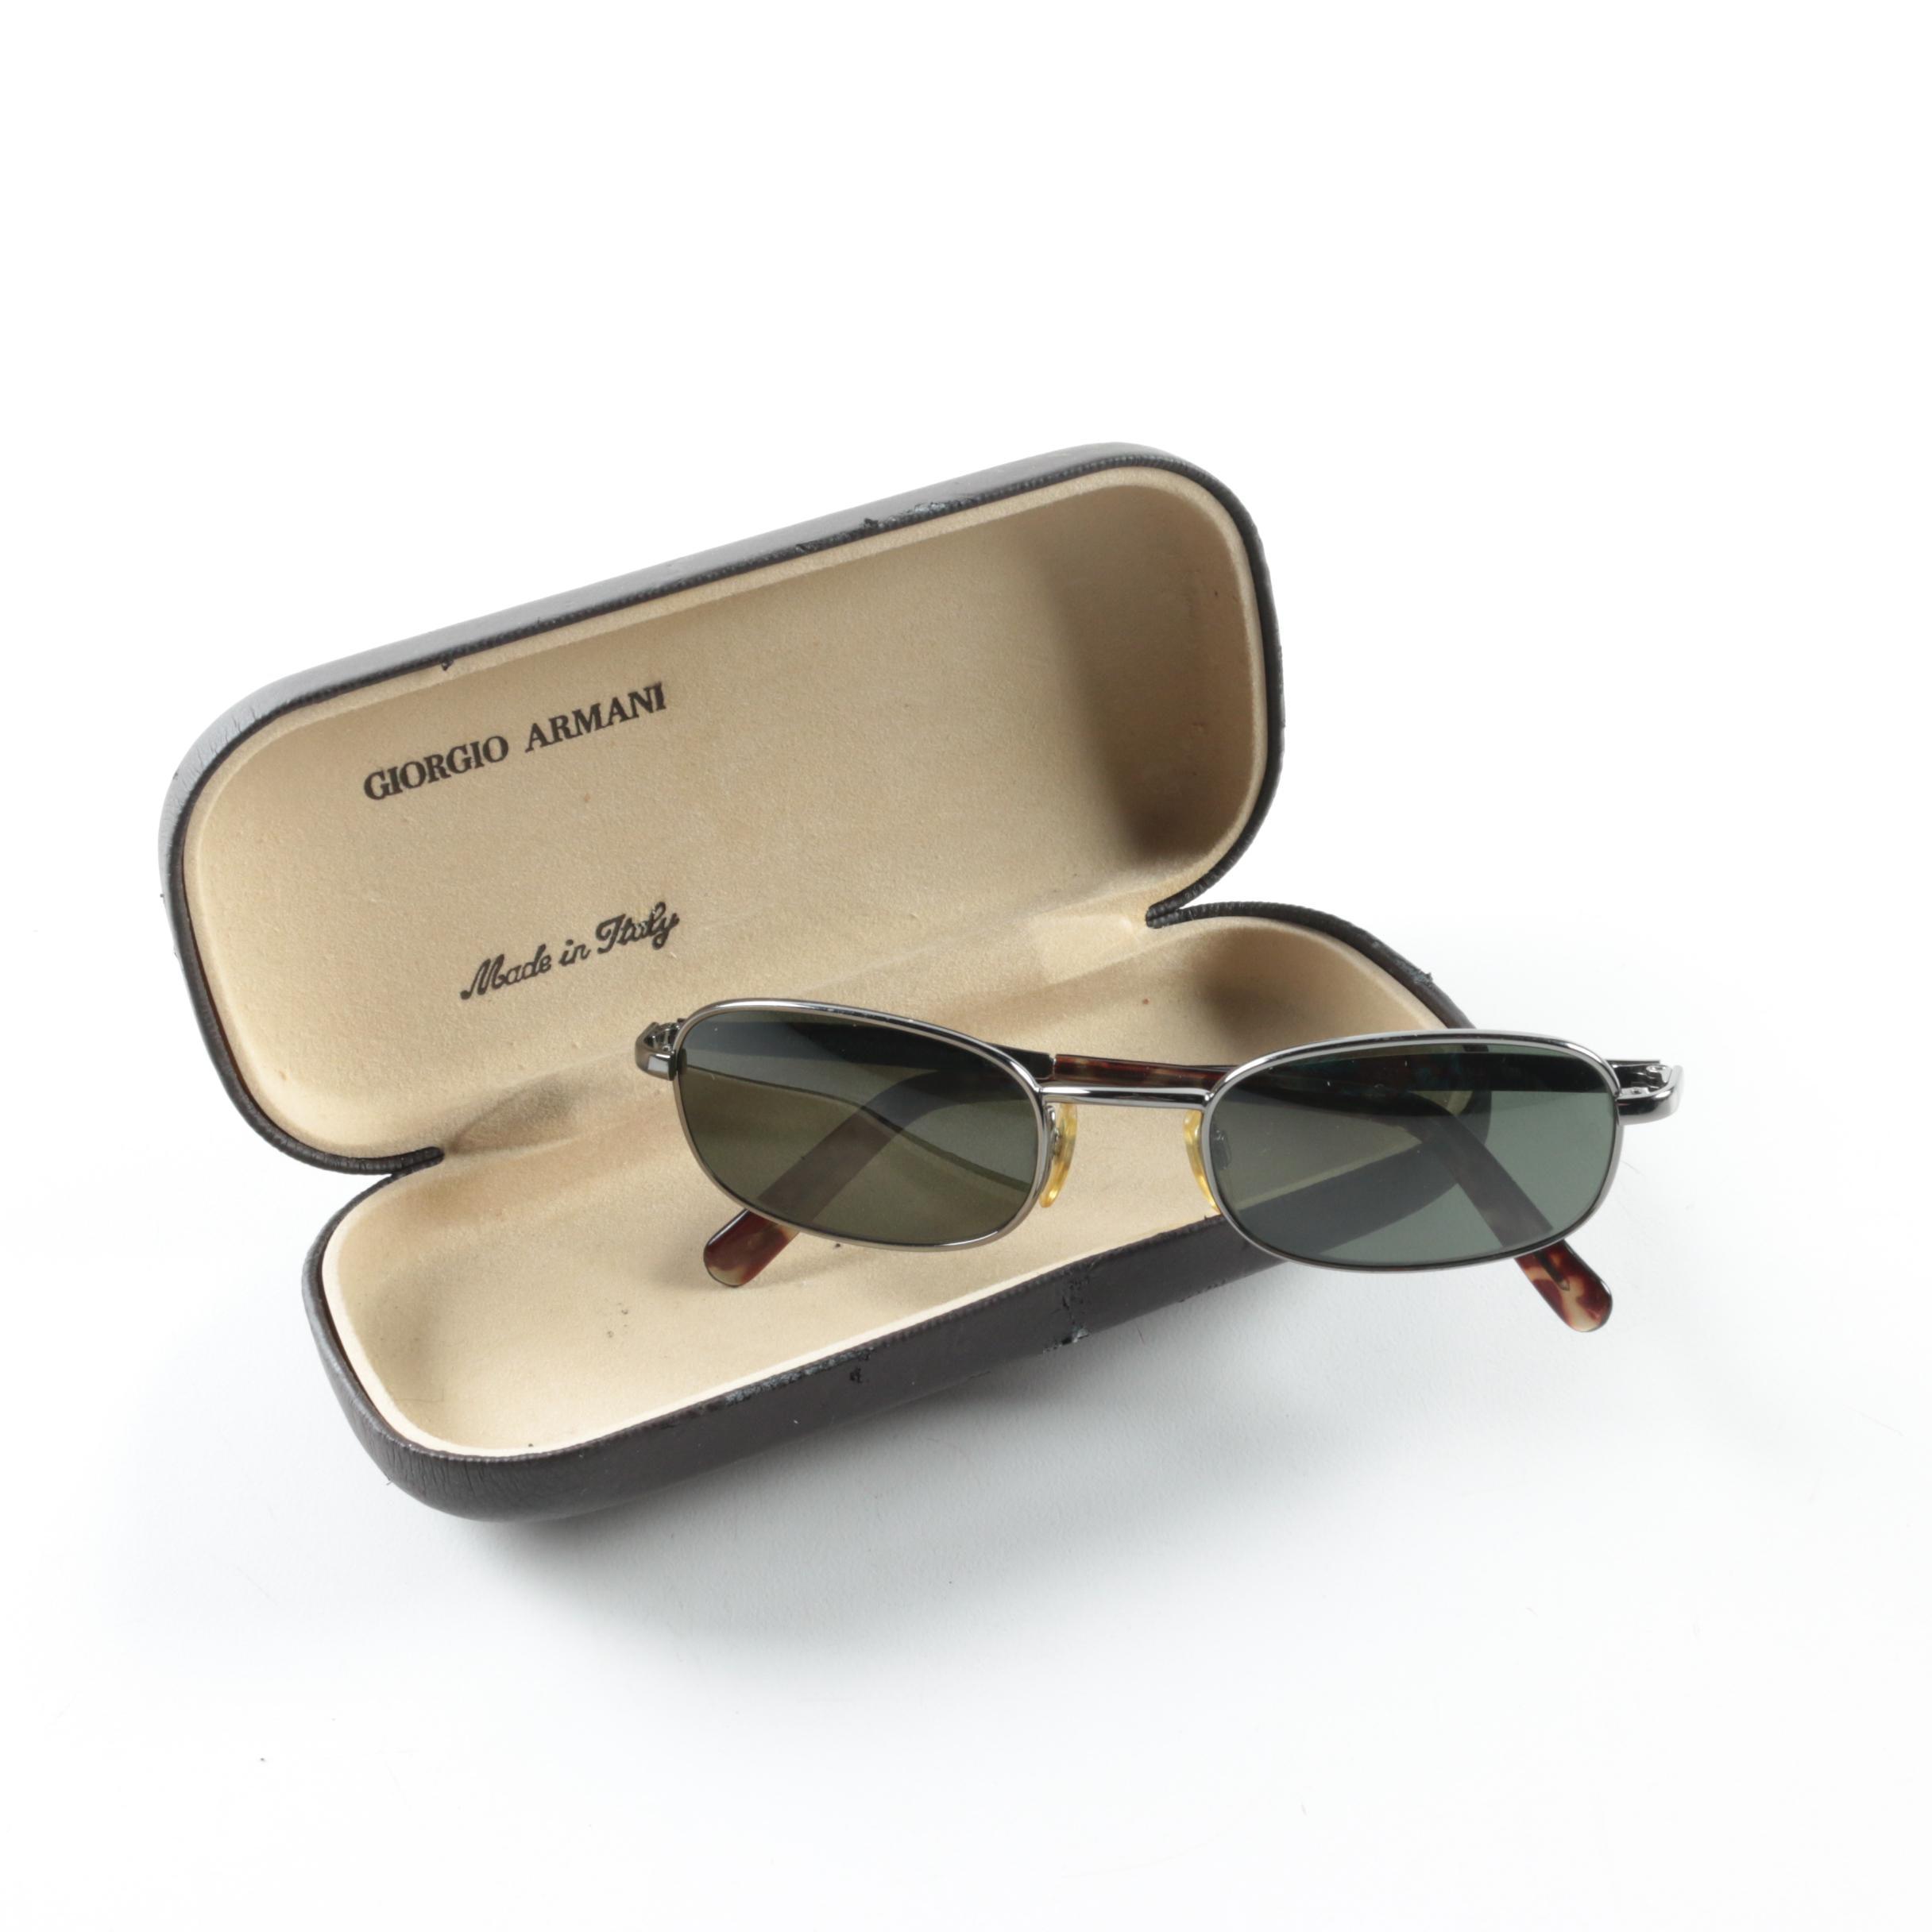 Giorgio Armani 671 976 Sunglasses with Case